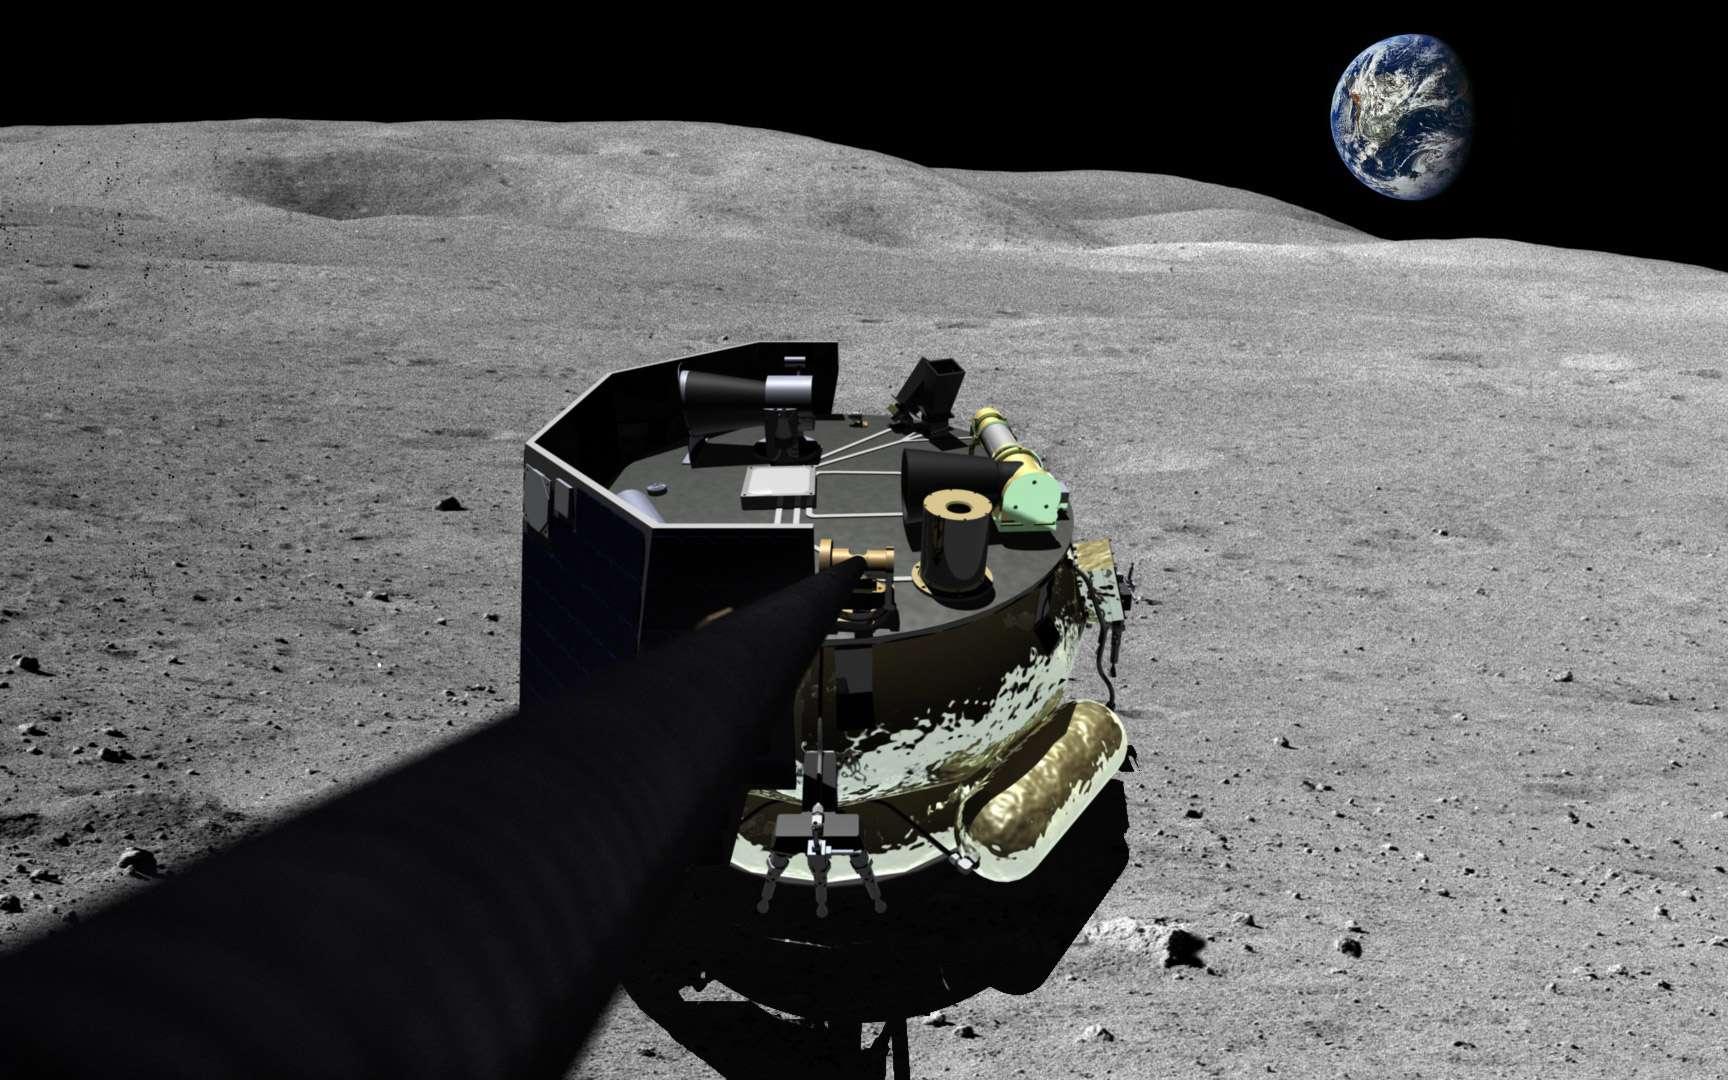 Vue d'artiste de l'atterrisseur MX-1 de la société Moon Express posé sur la surface de la Lune et prenant un selfie. © Moon Express